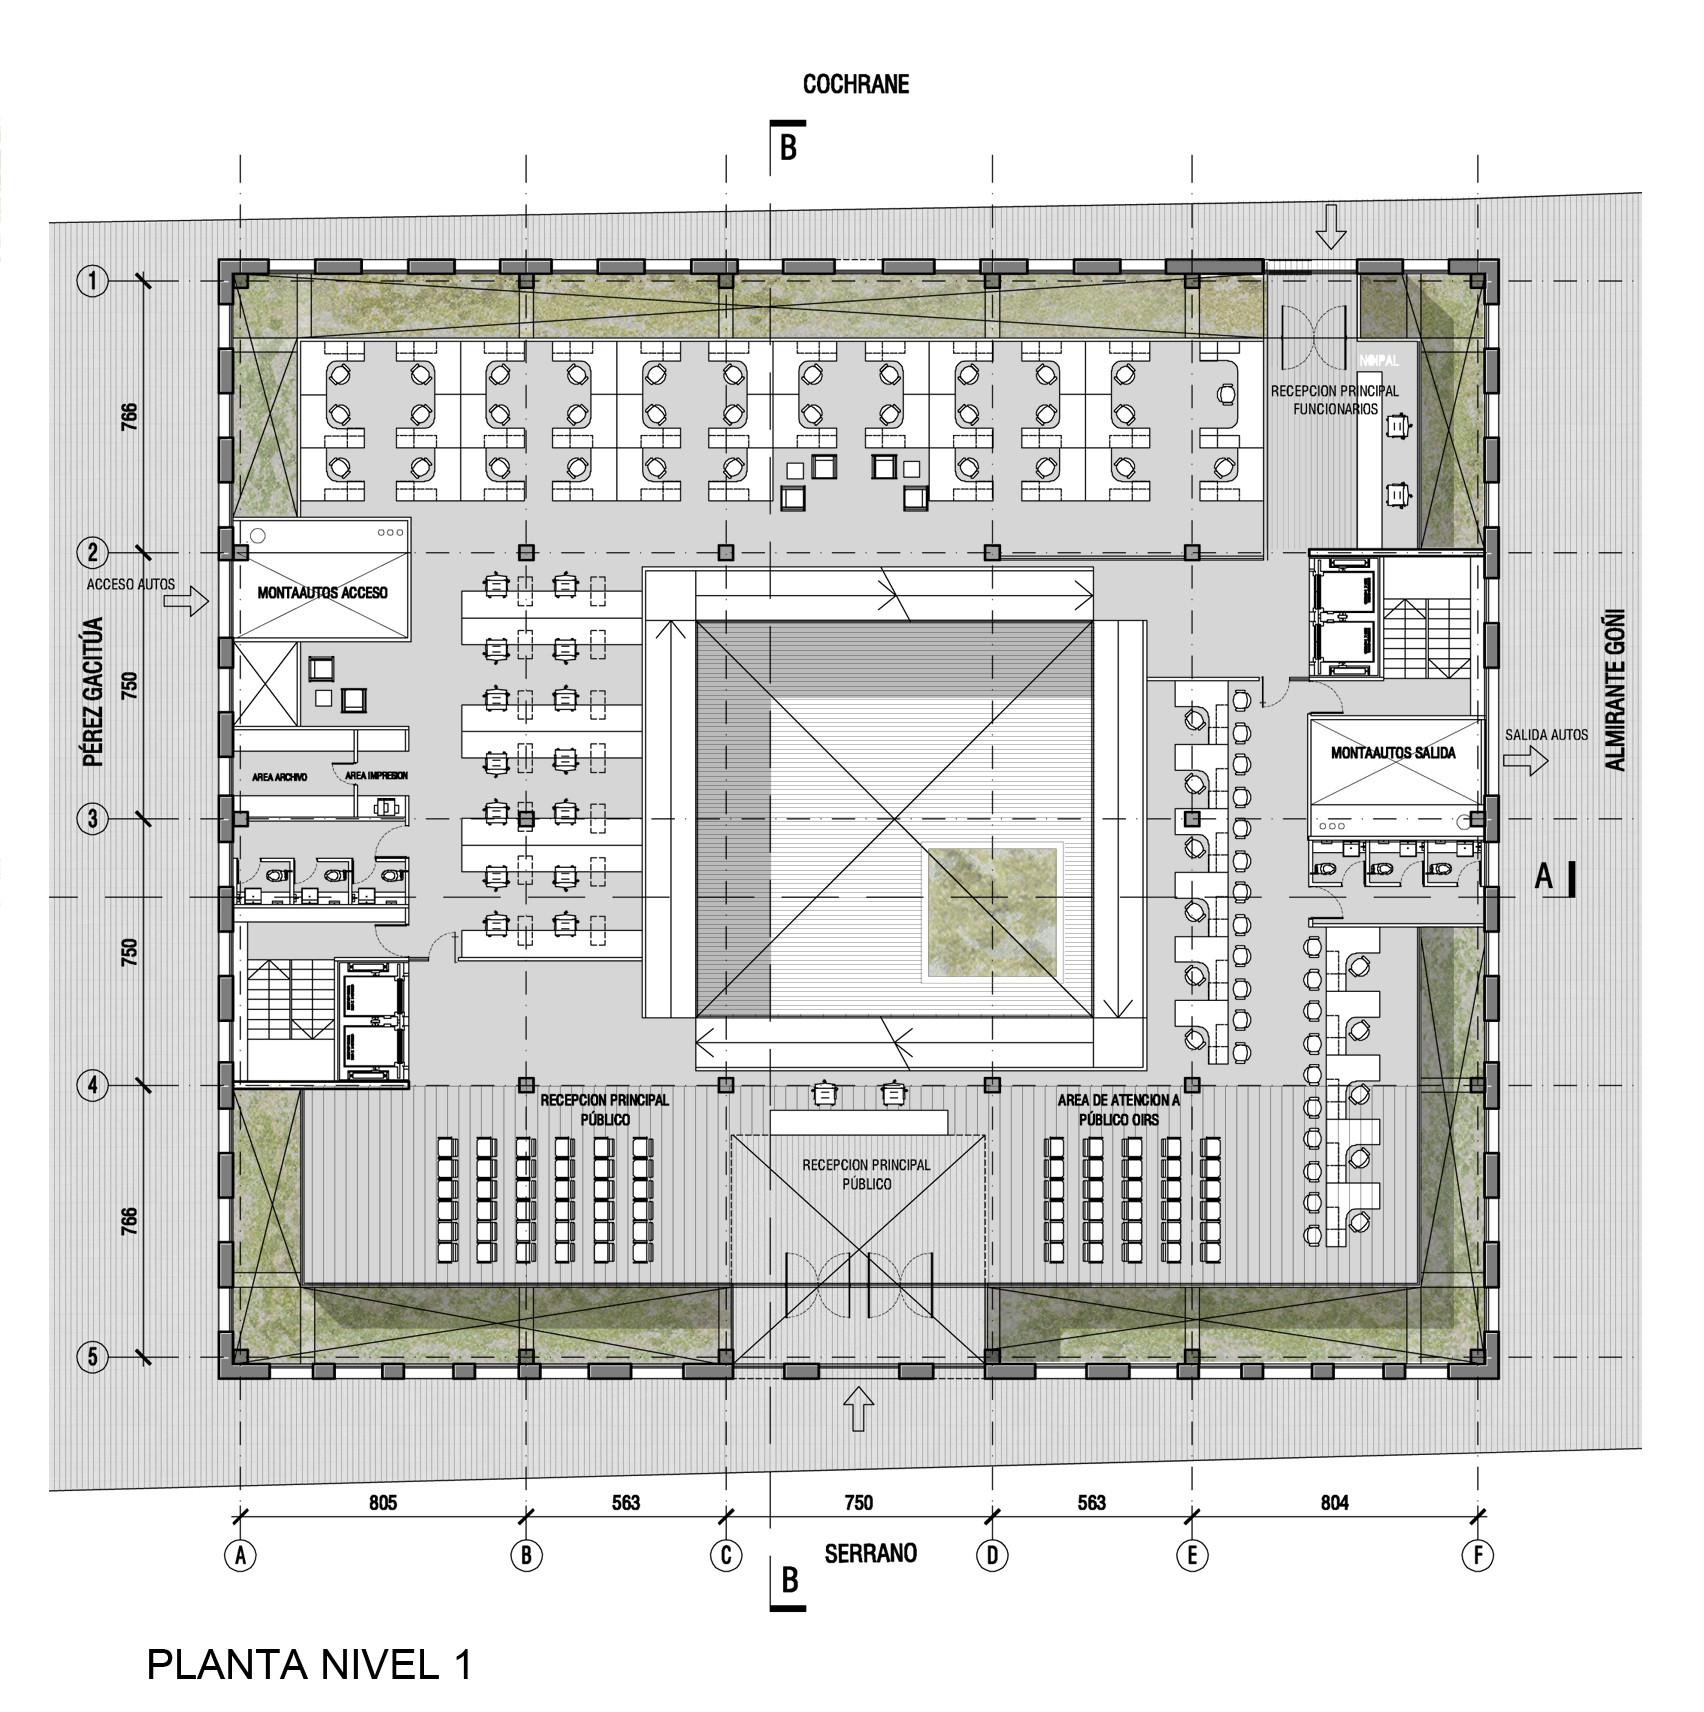 Galer a de gubbins arquitectos dise ar edificio for Planta arquitectonica de una oficina